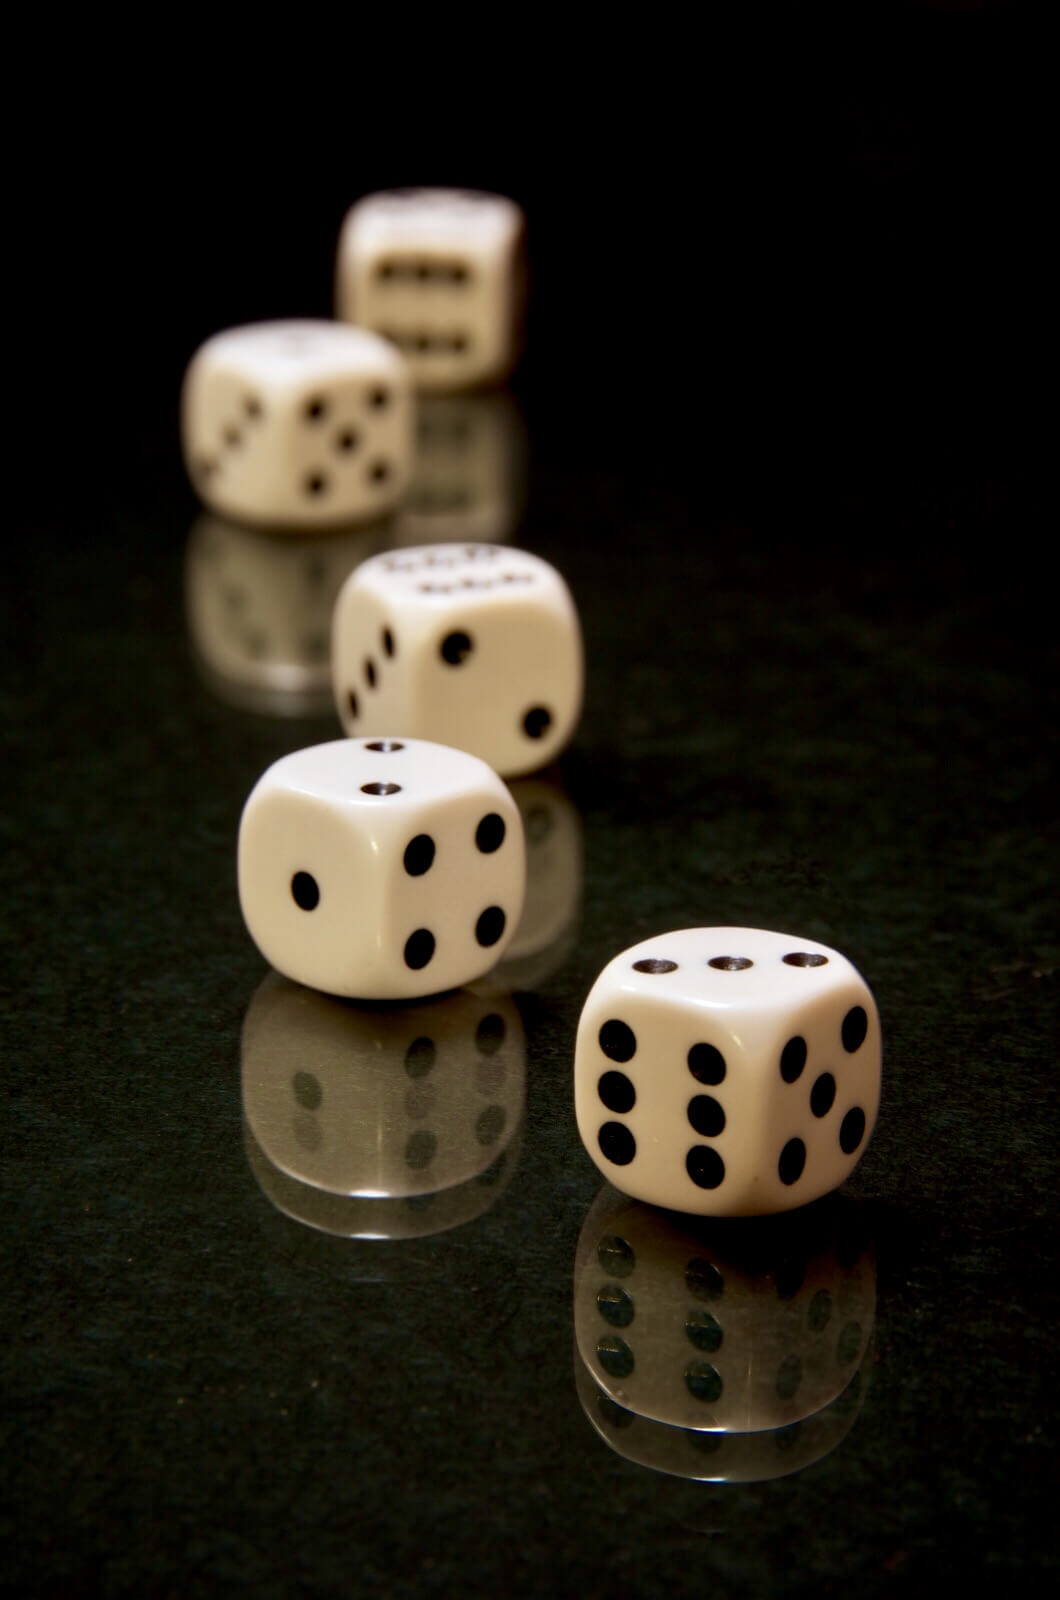 five black & white die on a dark surface